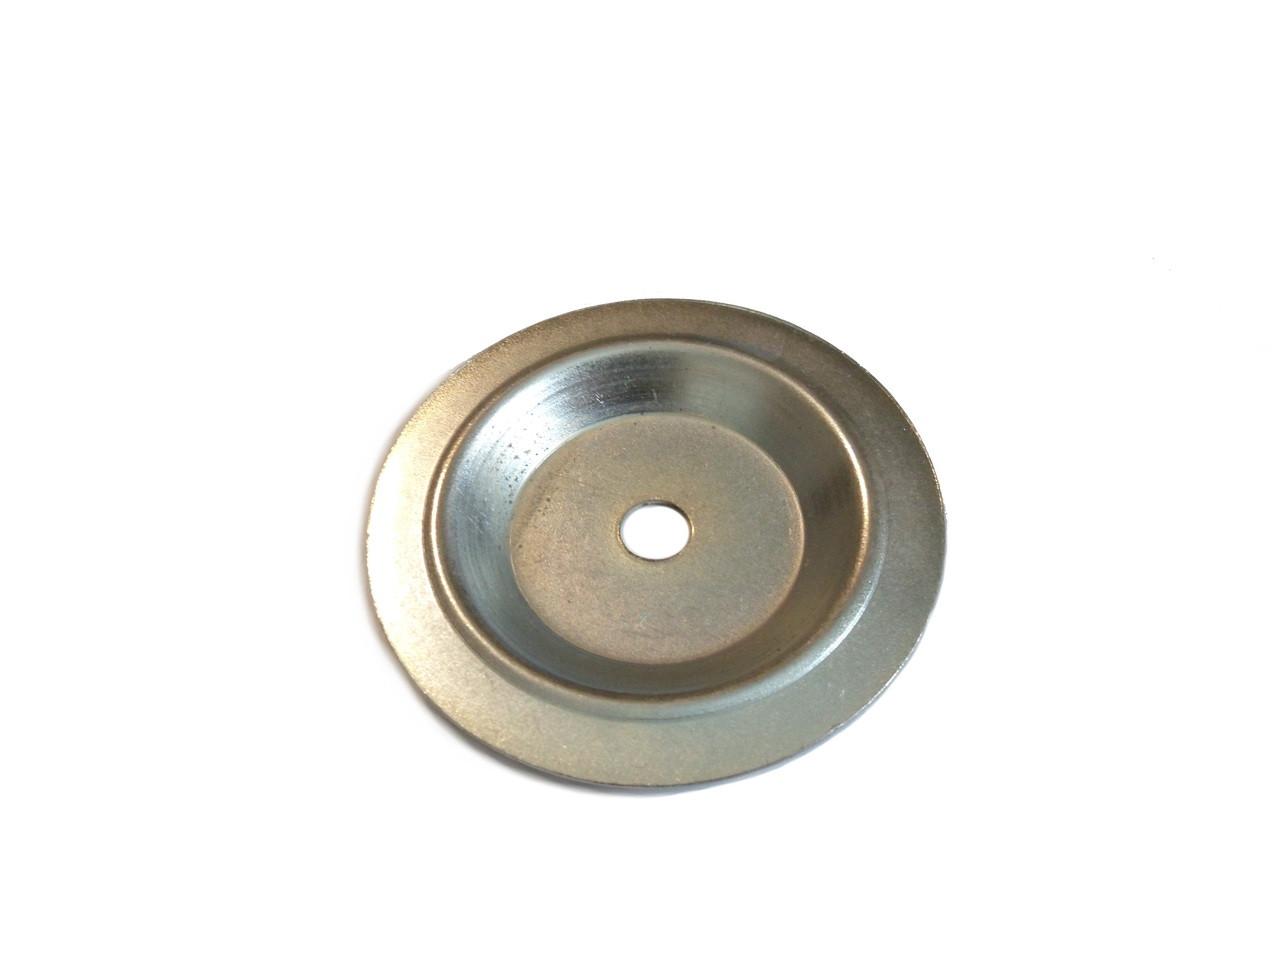 Piaggio Vespa Ciao Single Speed Clutch Plate - Non Variated Models